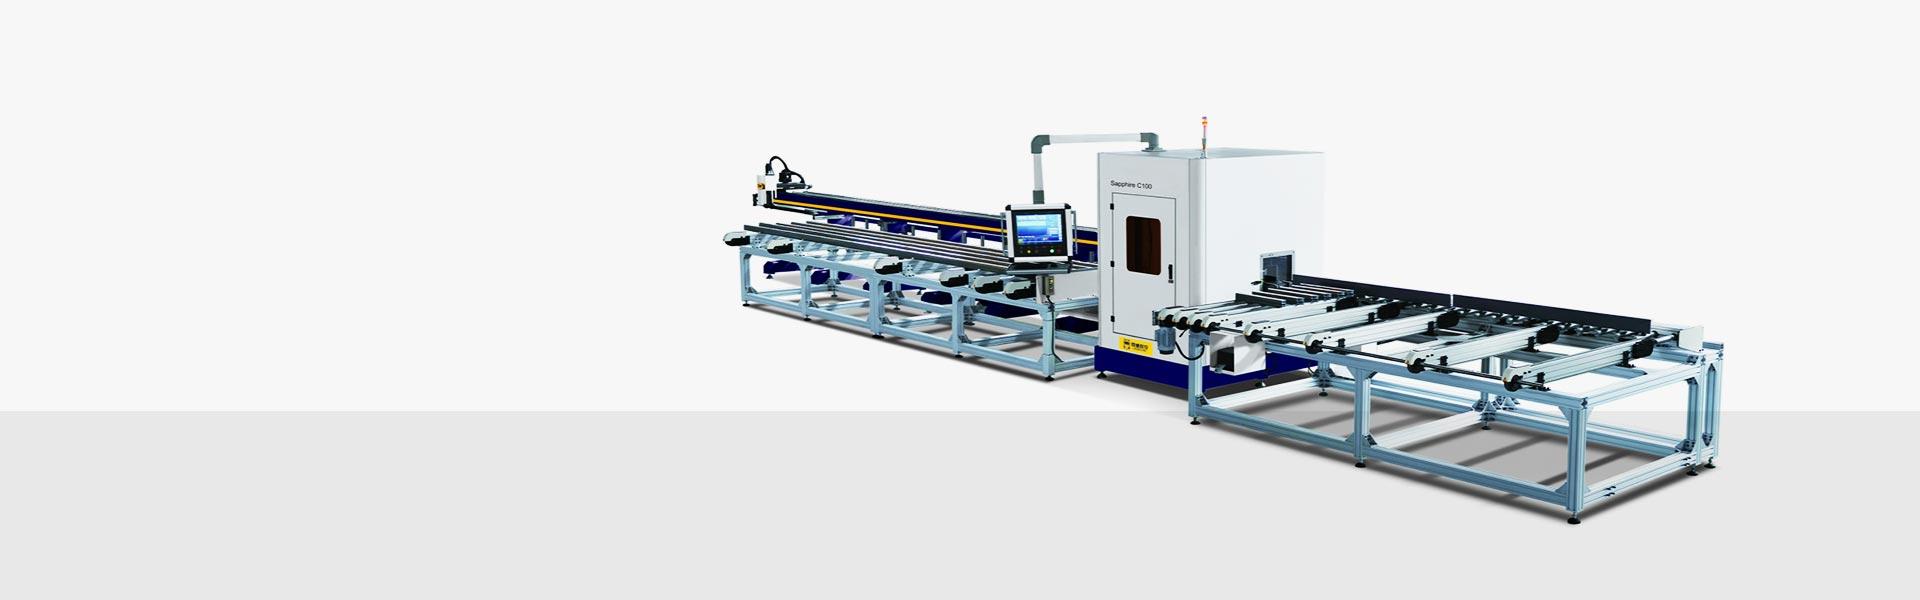 自动切割中心 Sapphire C100